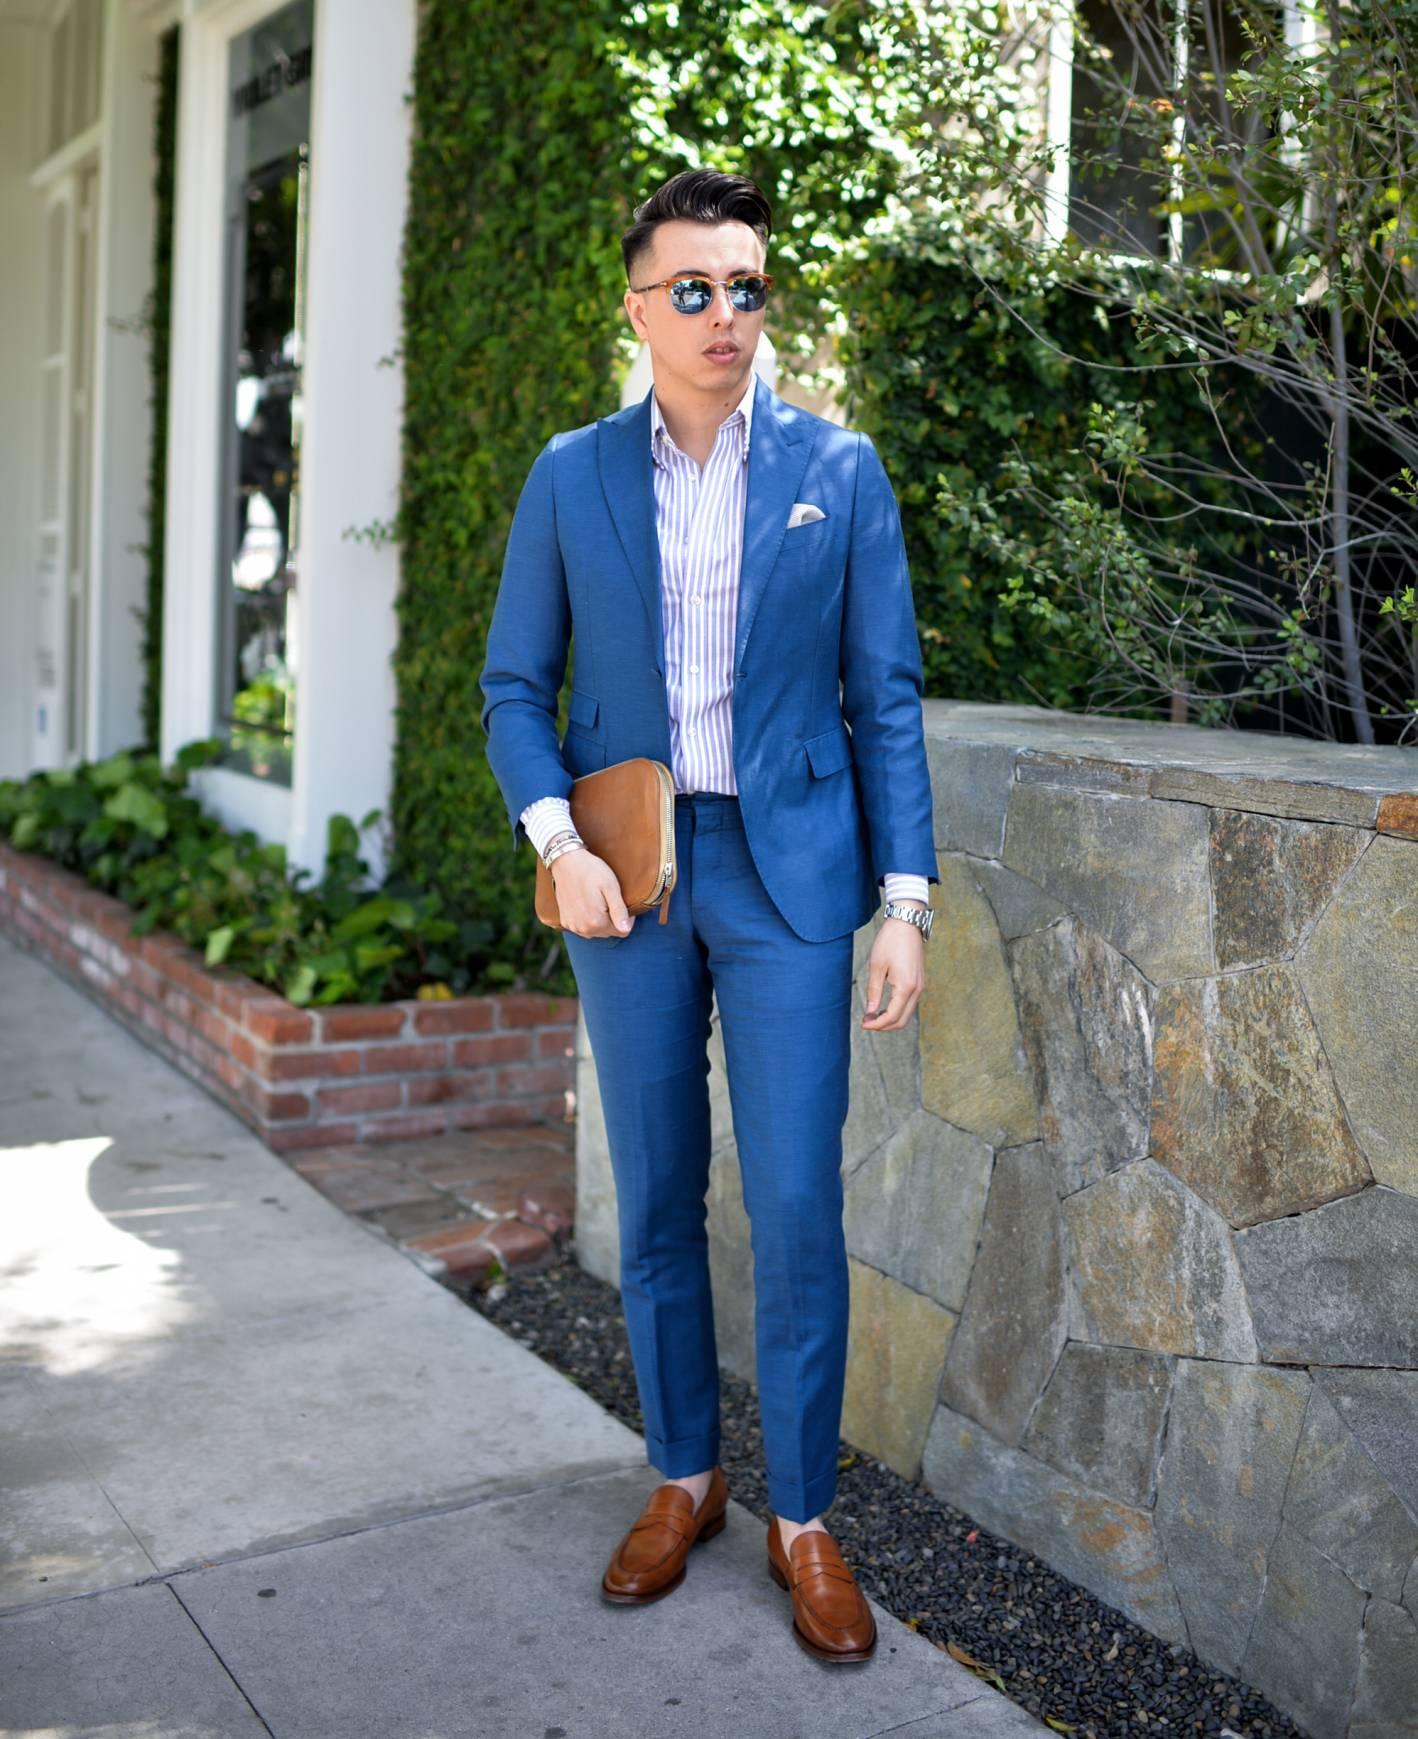 blake scott wearing linen suit